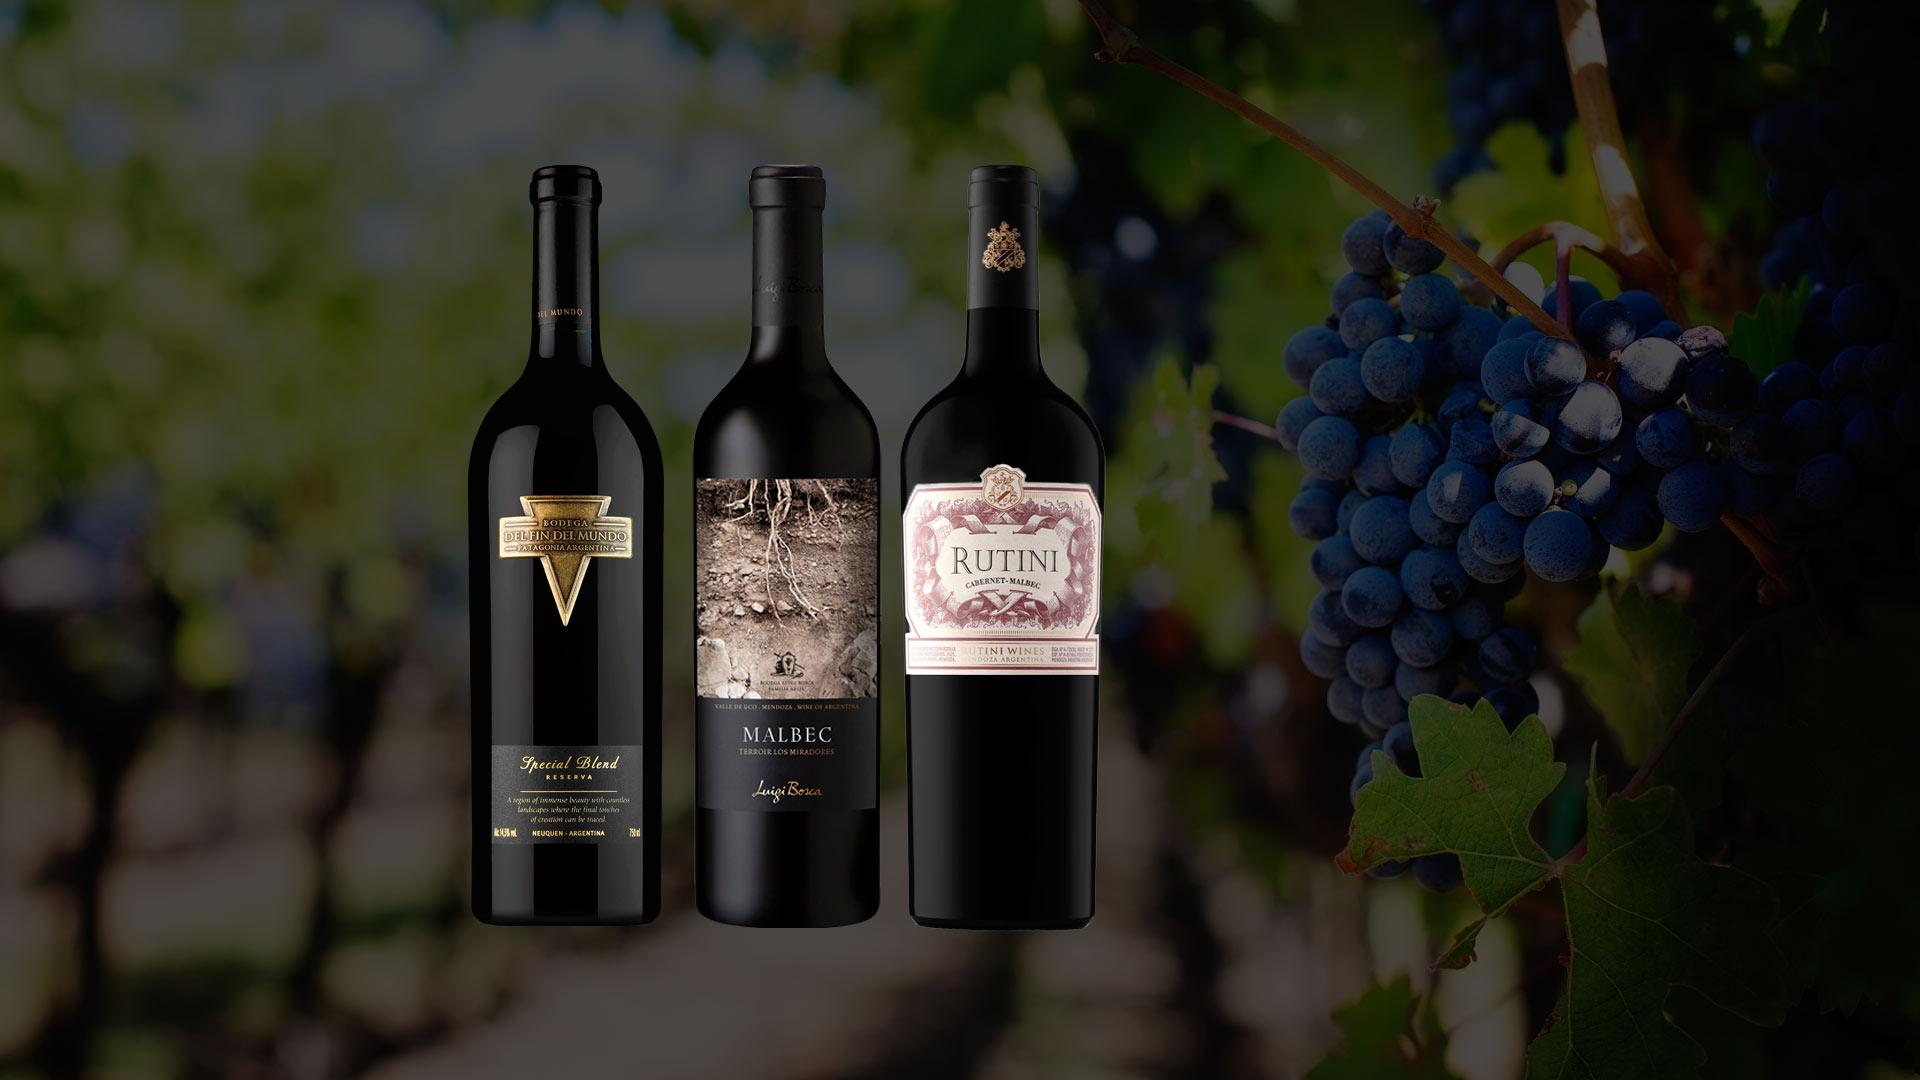 © mediterraneandistribucion.com / Productos Argentinos